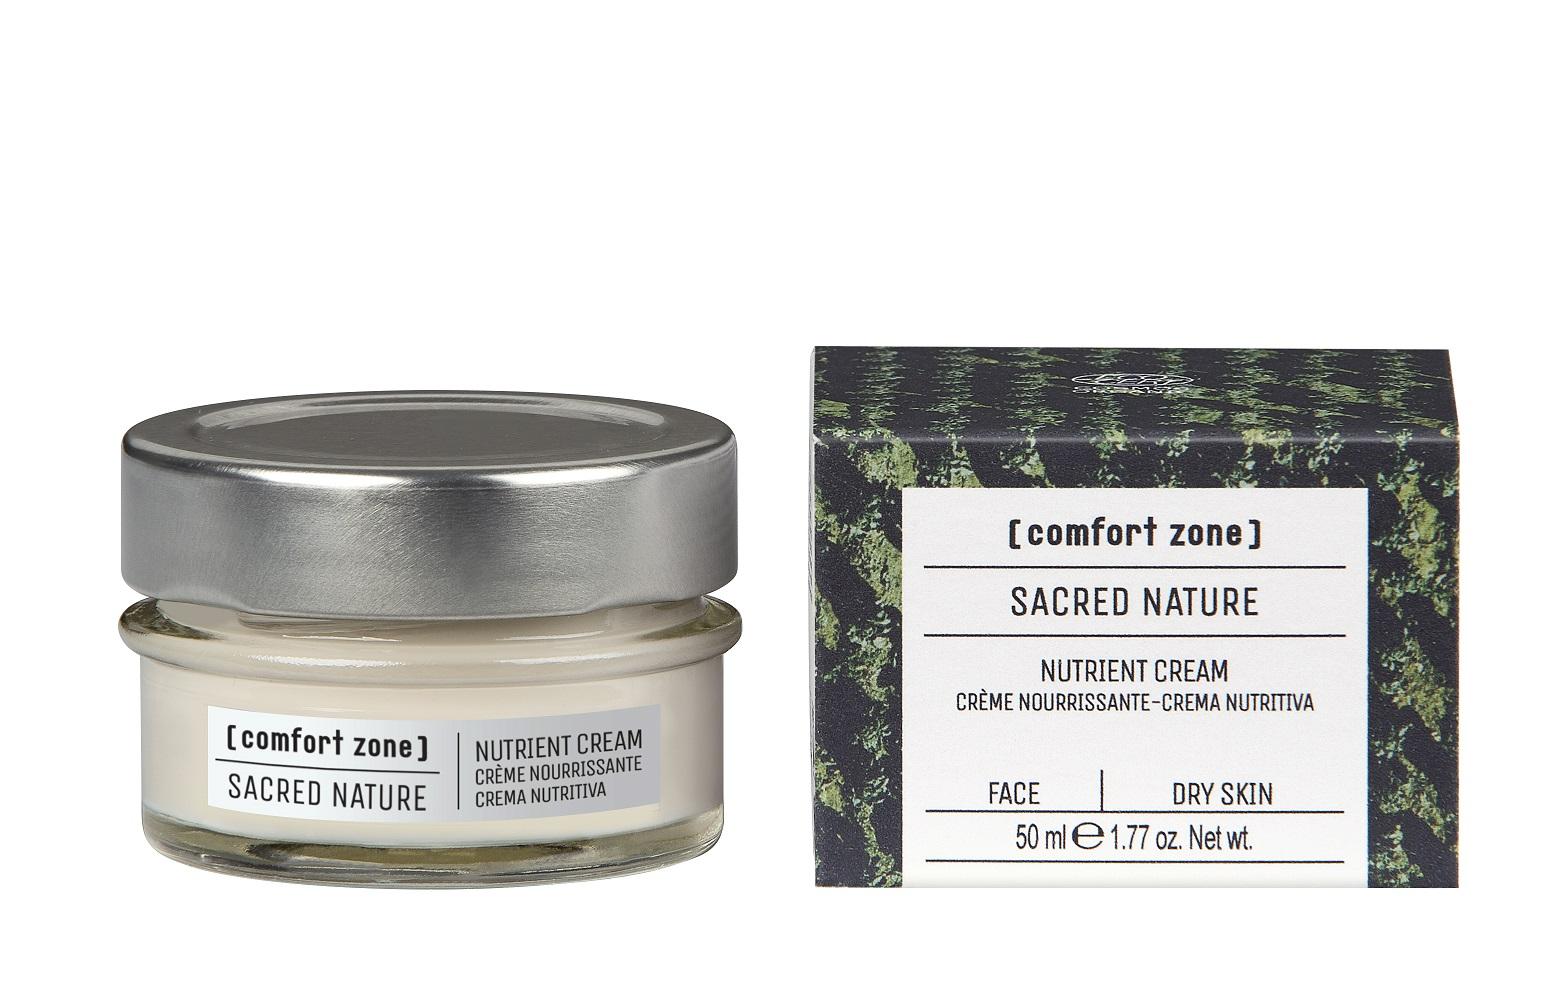 Comfort Zone Sacred Nature Nutrient Cream, 50 ml